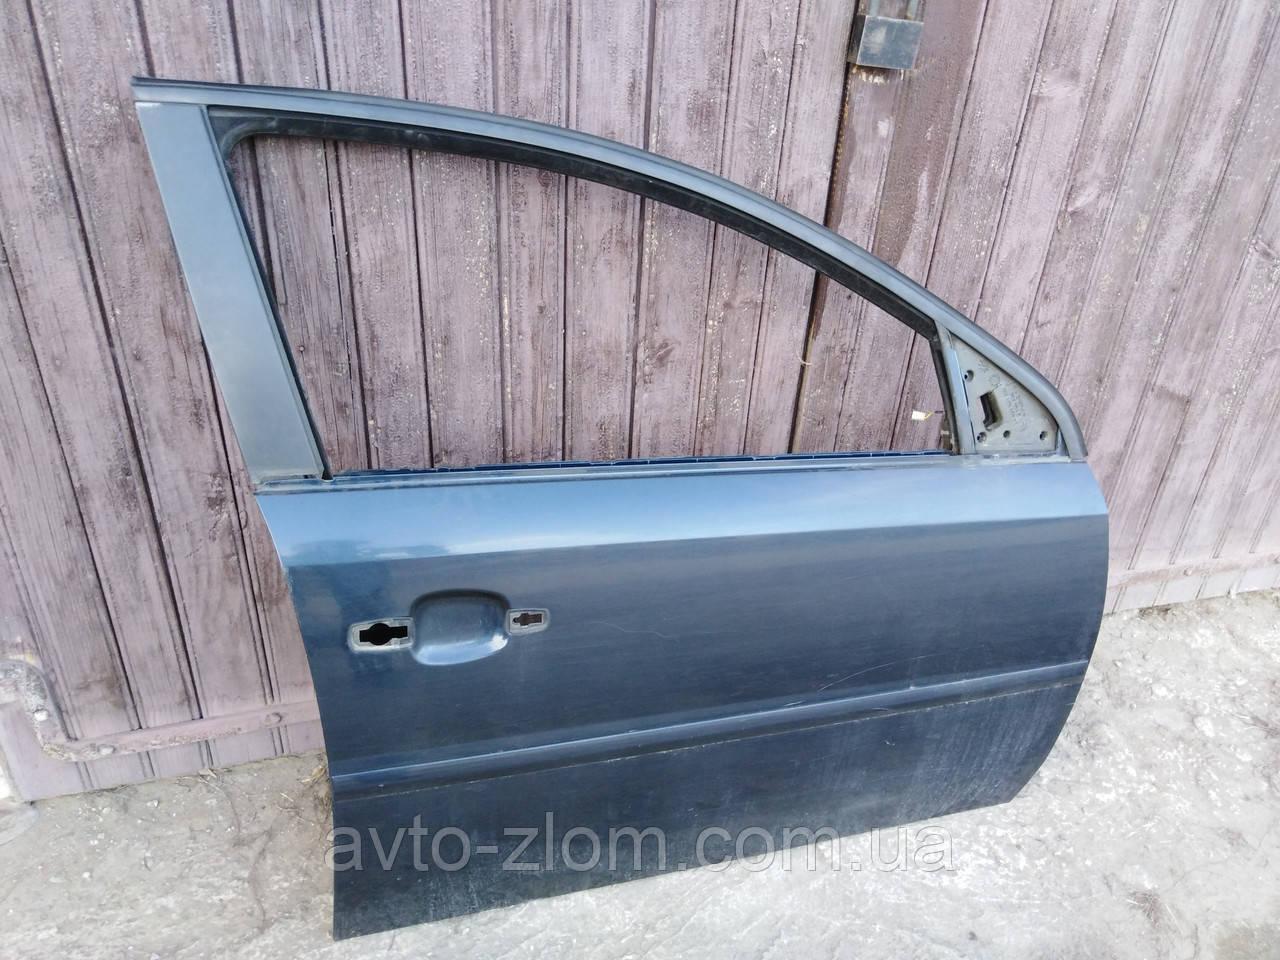 Дверь передняя правая Opel Vectra C, Опель Вектра Ц.